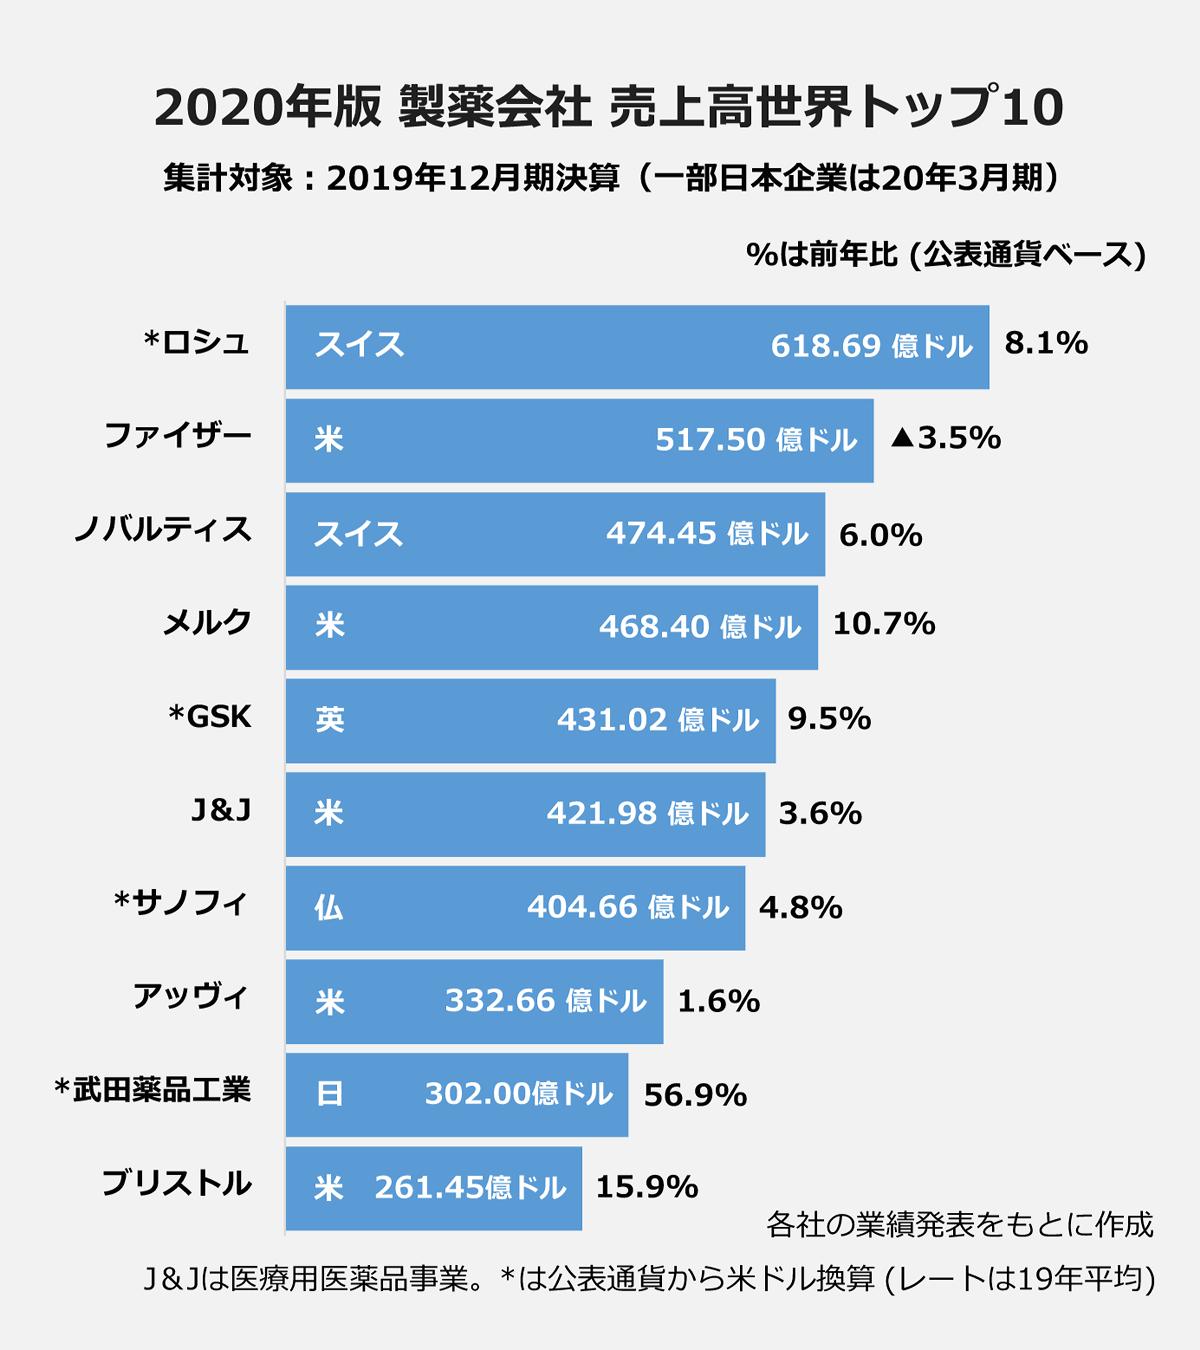 【2020年版 製薬会社売上高世界トップ10】(集計対象:2019年12月期決算※一部日本企業は20年3月期)(%は前年比、公表通貨ベース): *ロシュ(スイス)618.69億ドル/8.1% |ファイザー(米)/517.50億ドル/▲/3.5% |ノバルティス(スイス)/474.45億ドル/6.0% |メルク(米)/468.40億ドル/10.7% |*GSK(英)/431.02億ドル/9.5% |J&J(米)/421.98億ドル/3.6% |*サノフィ(仏)/404.66億ドル/4.8% |アッヴィ(米)/332.66億ドル/1.6% |*武田薬品工業(日)/302.00億ドル/56.9% |ブリストル(米)/261.45億ドル/15.9% |※各社の業績発表を元に作成。J&Jは医療用医薬品事業。*は公表通過から米ドル換算(レートは19年平均)